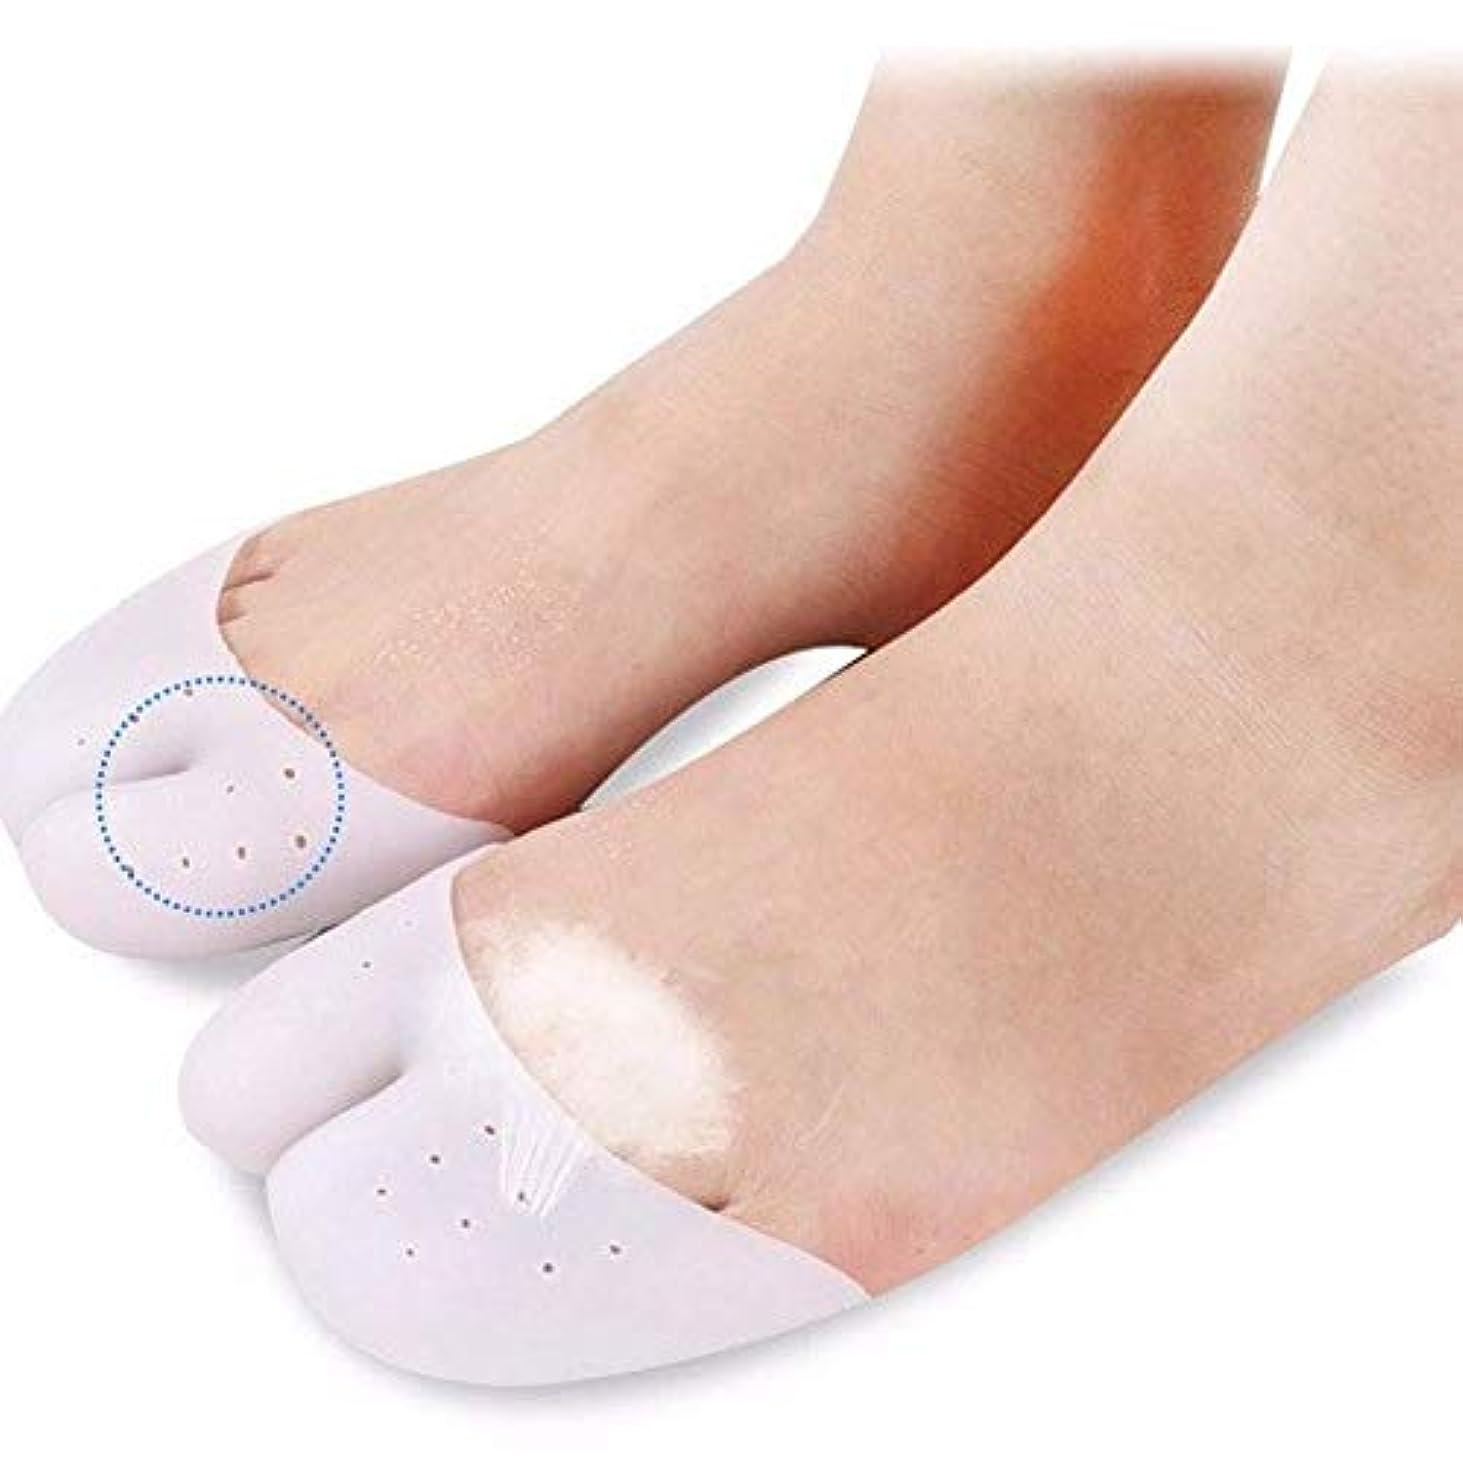 さておきバクテリア願うゲルつま先カフパッド、足の親指前足パッド、フットパッド足の保護パッド支持ボール/バレエシューズの10組 (A)